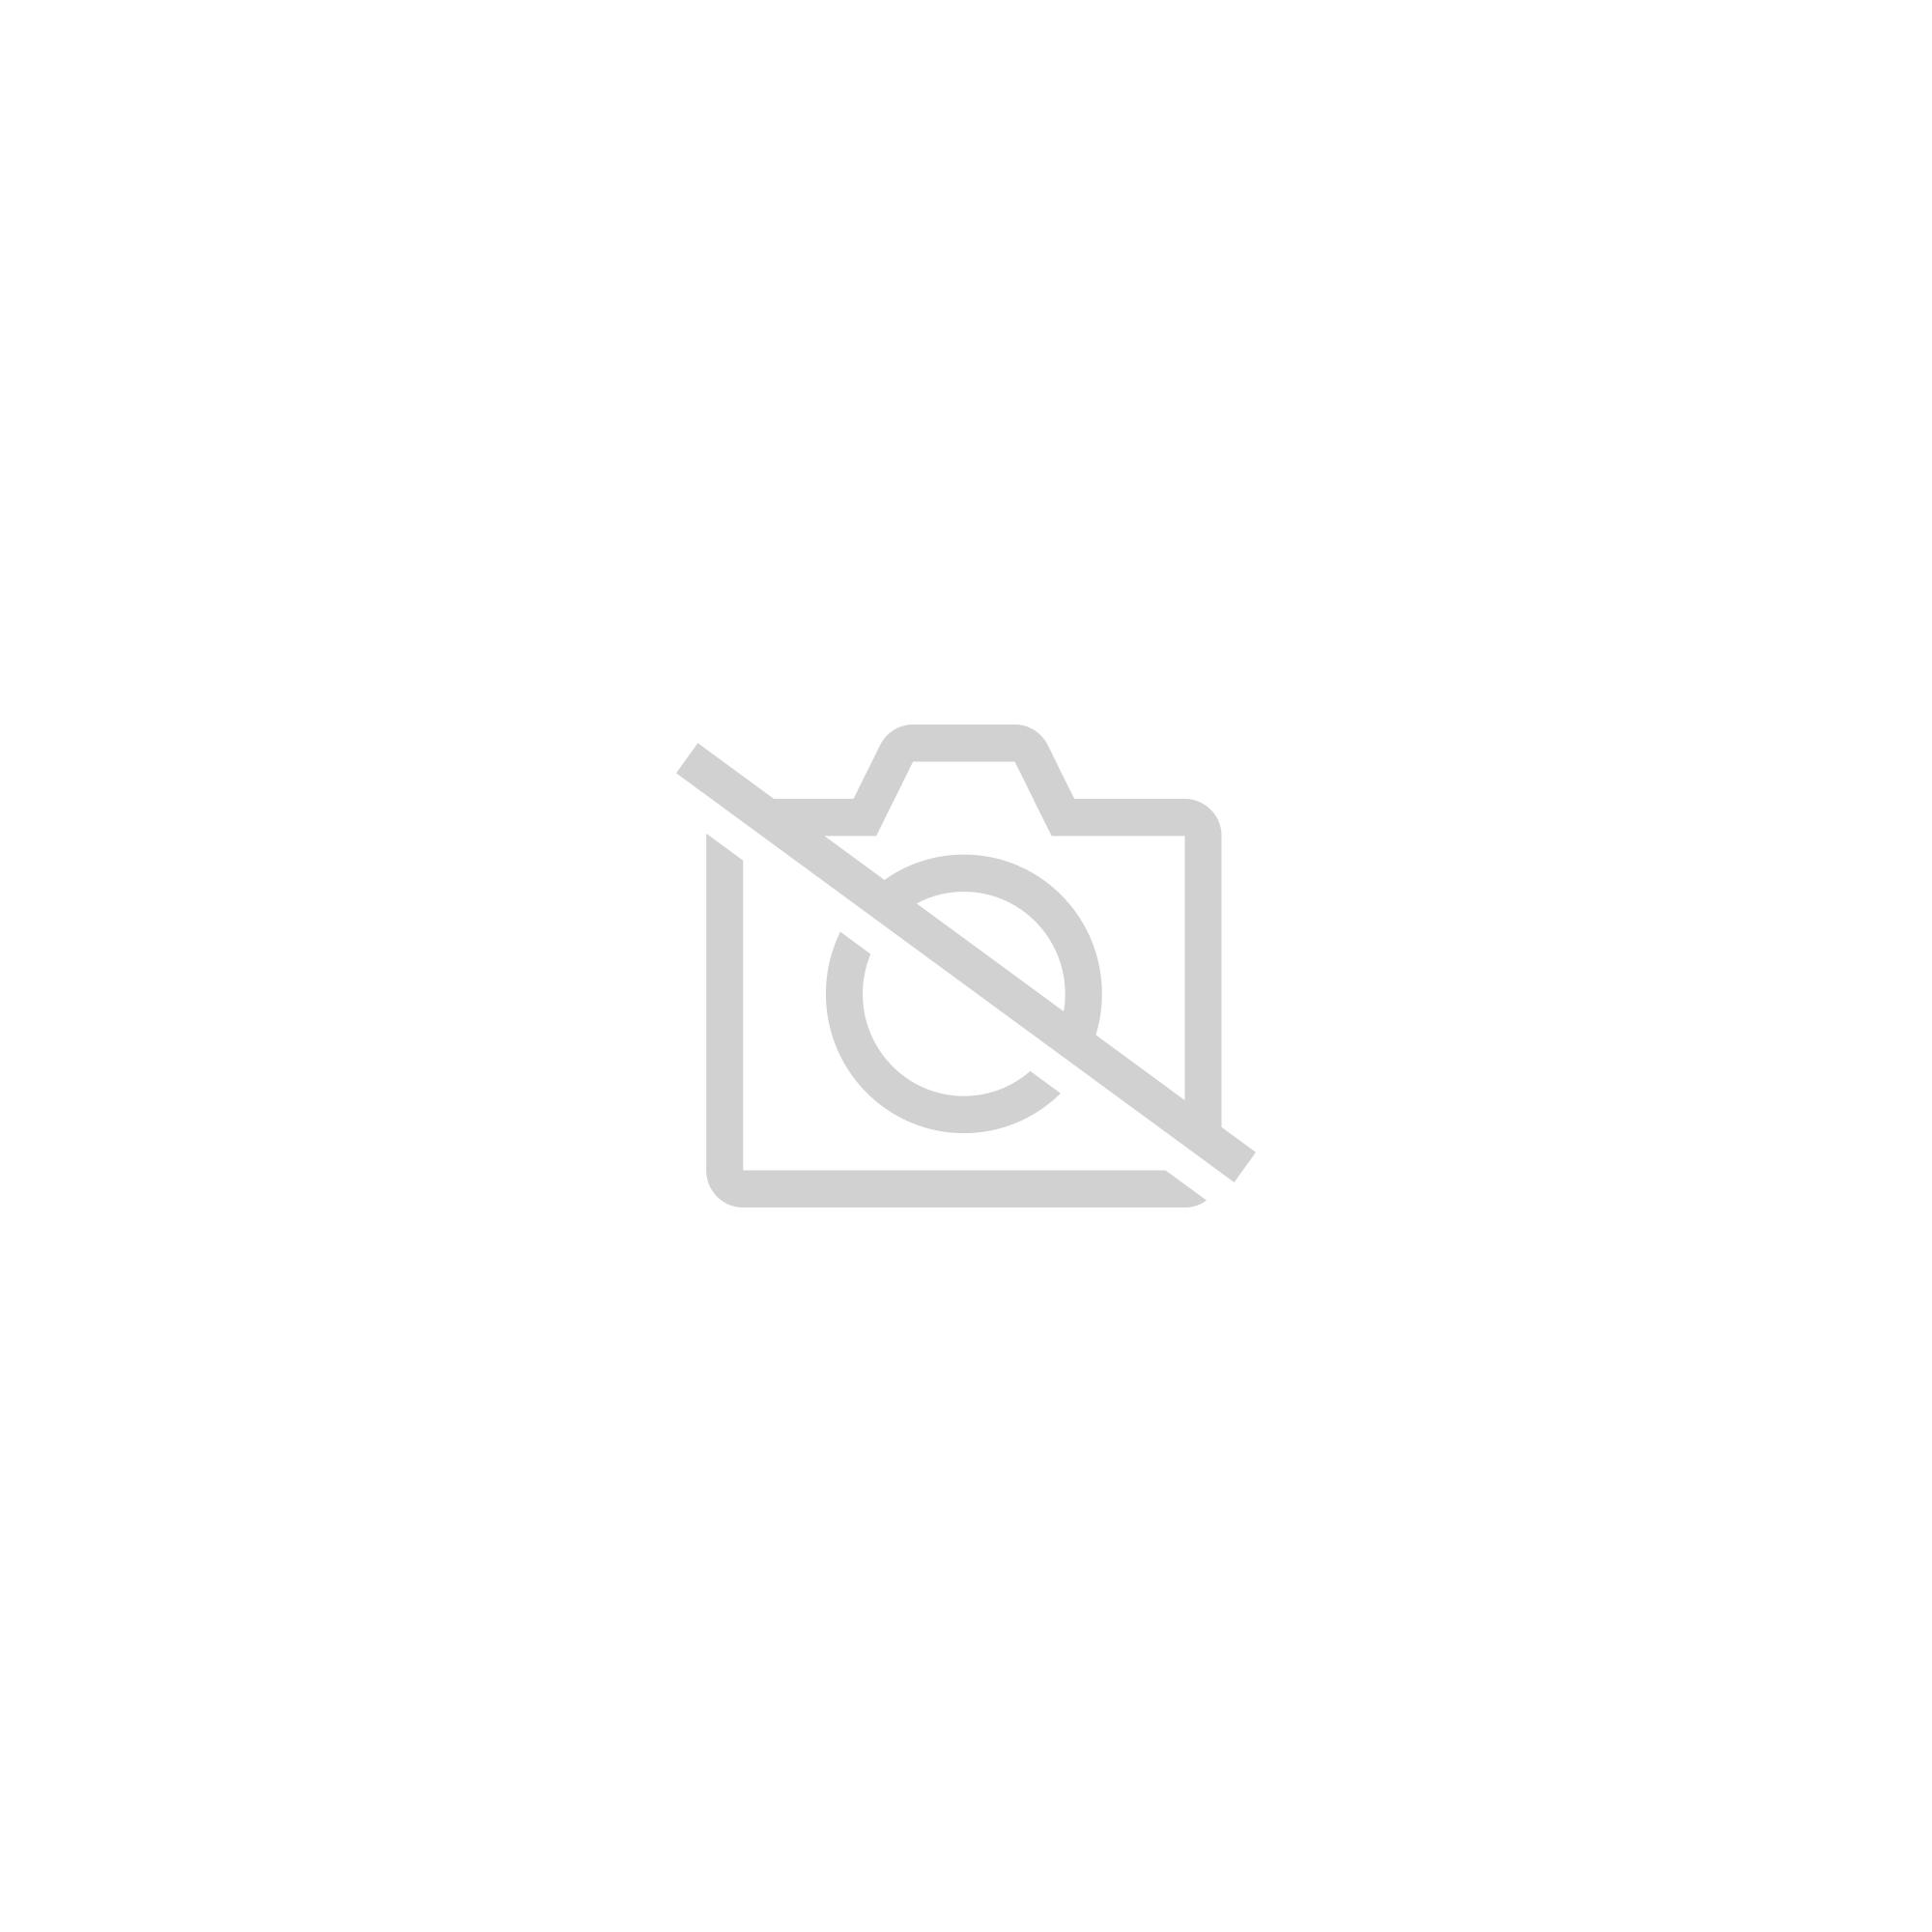 Tectake Coiffeuse Table De Maquillage Commode Avec Miroir 3 Faces